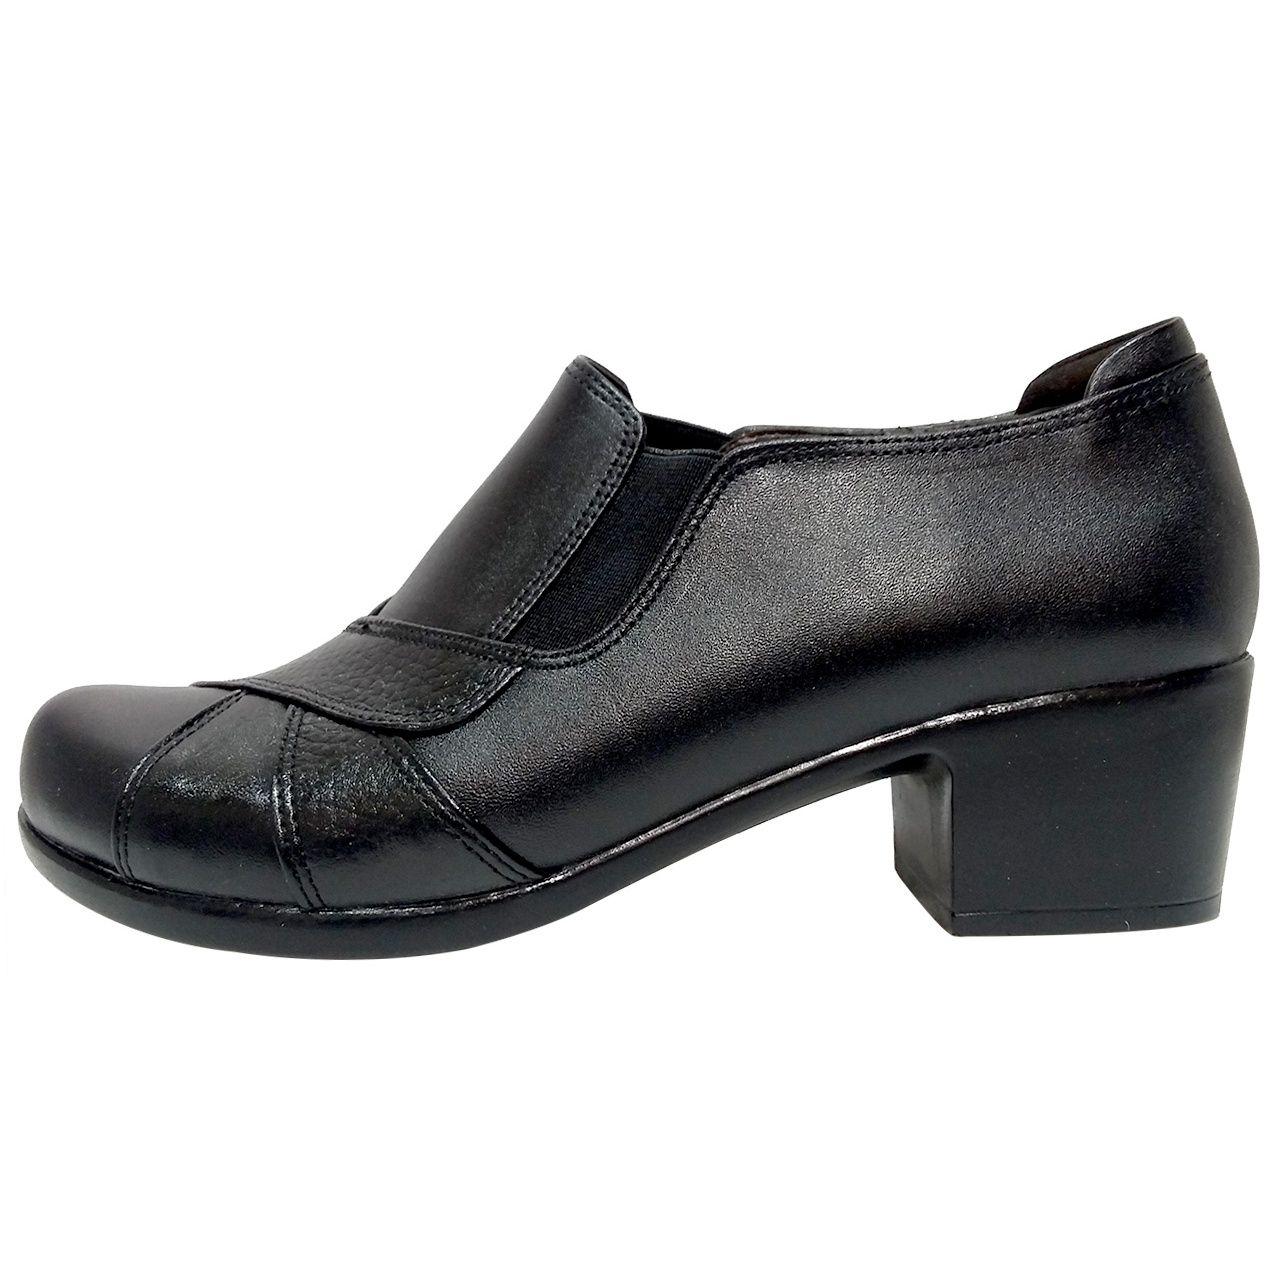 کفش زنانه روشن مدل 565 کد 01 -  - 2